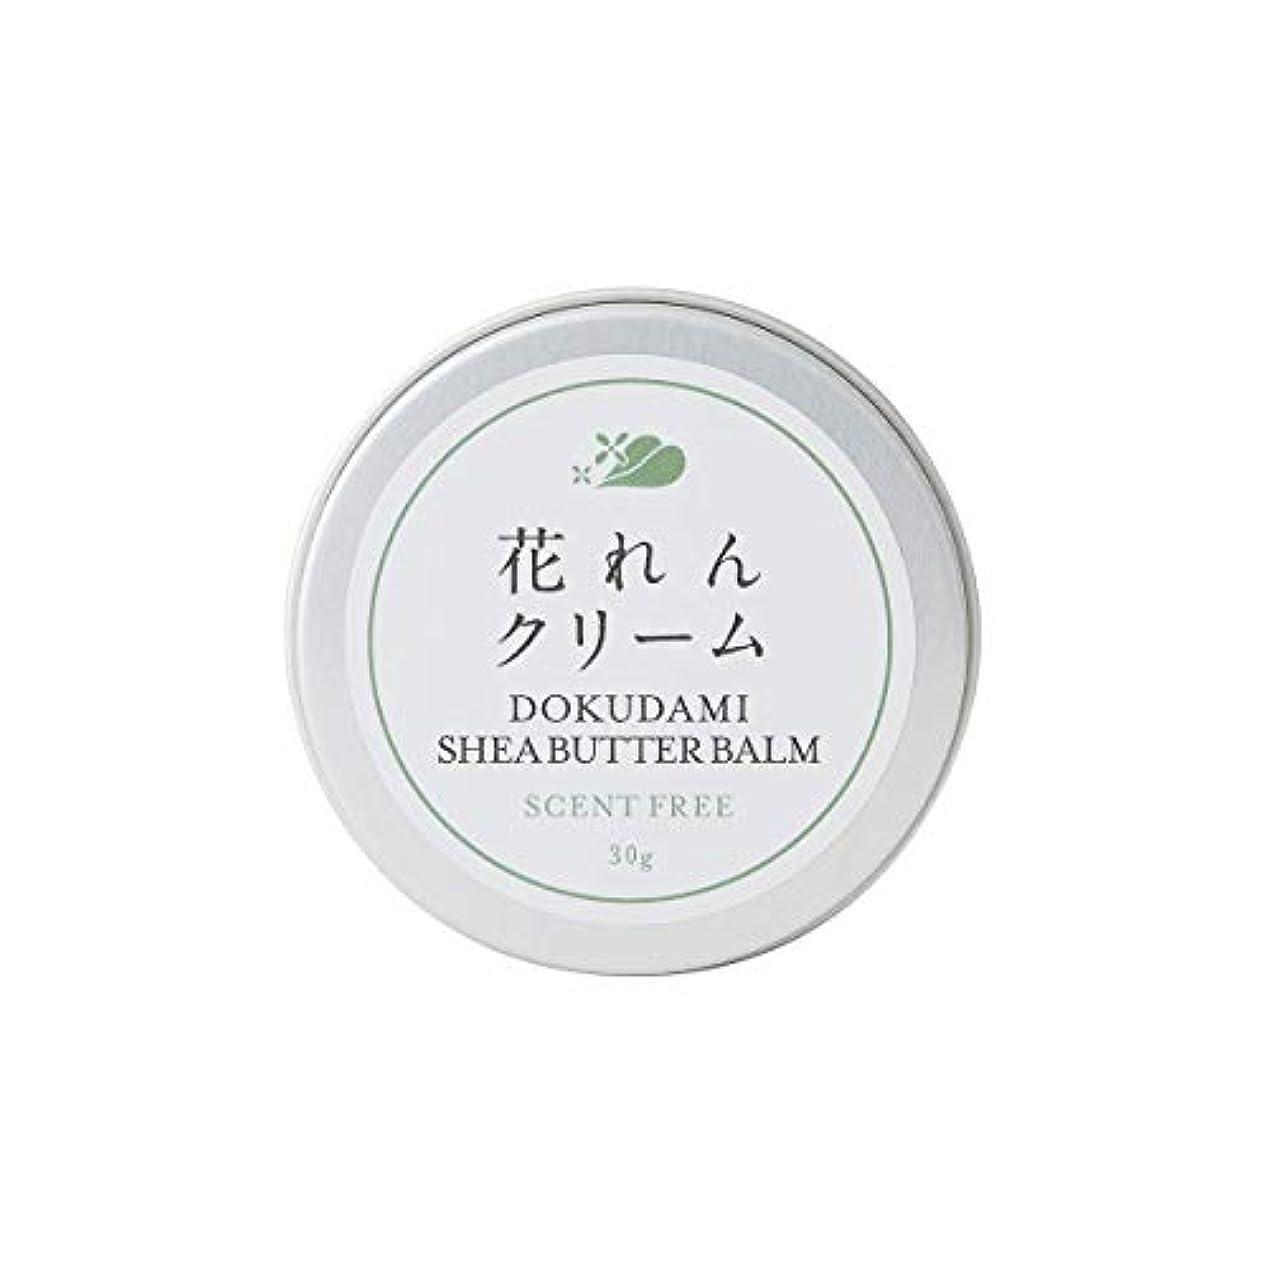 きらめき範囲作成者どくだみシアバタークリーム(ハードタイプ?無香料) 30g